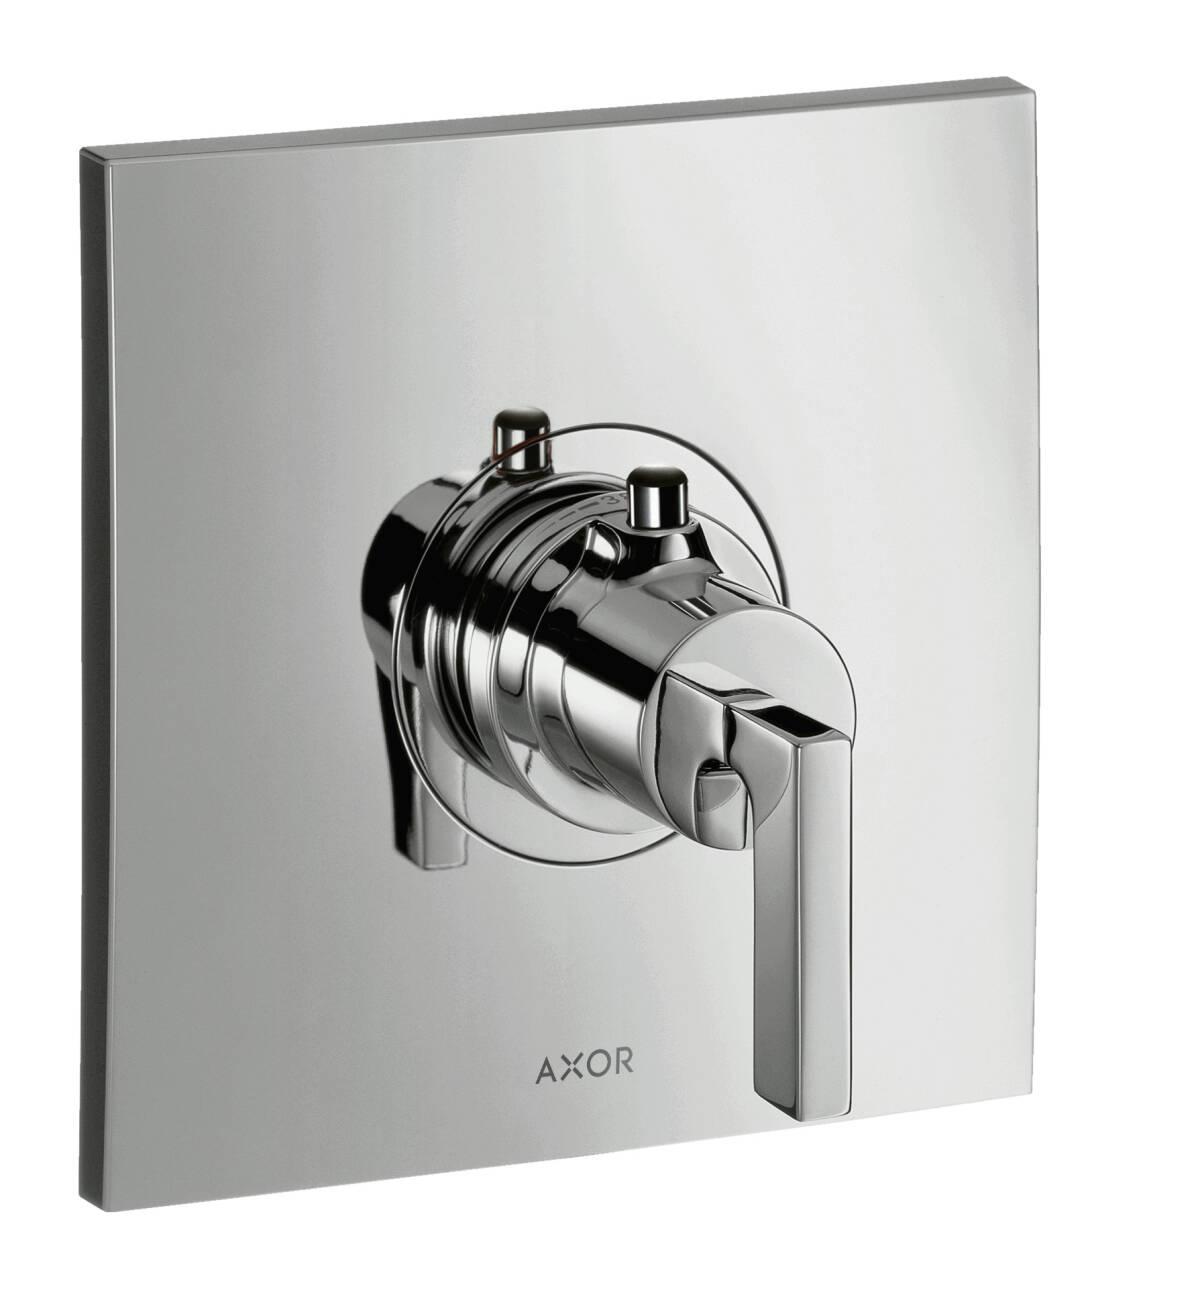 Thermostat 59 l/min Highflow Unterputz mit Hebelgriff, Chrom, 39711000